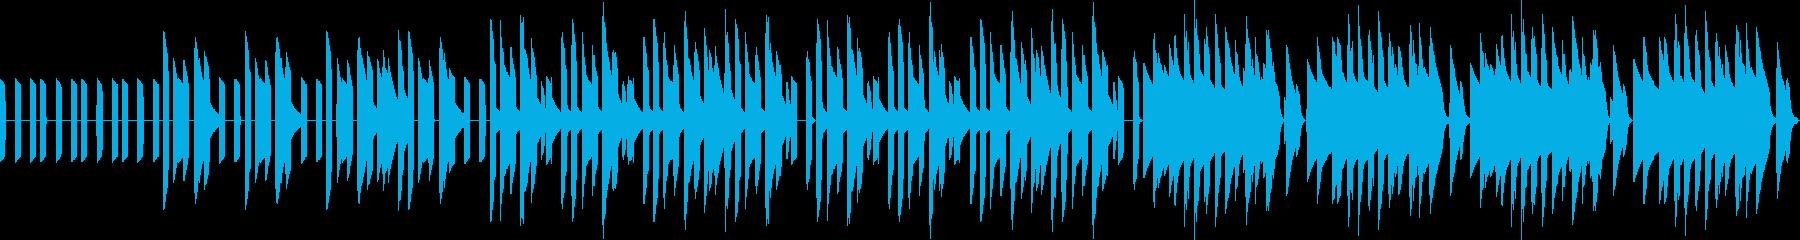 RPGのフィールド曲の再生済みの波形